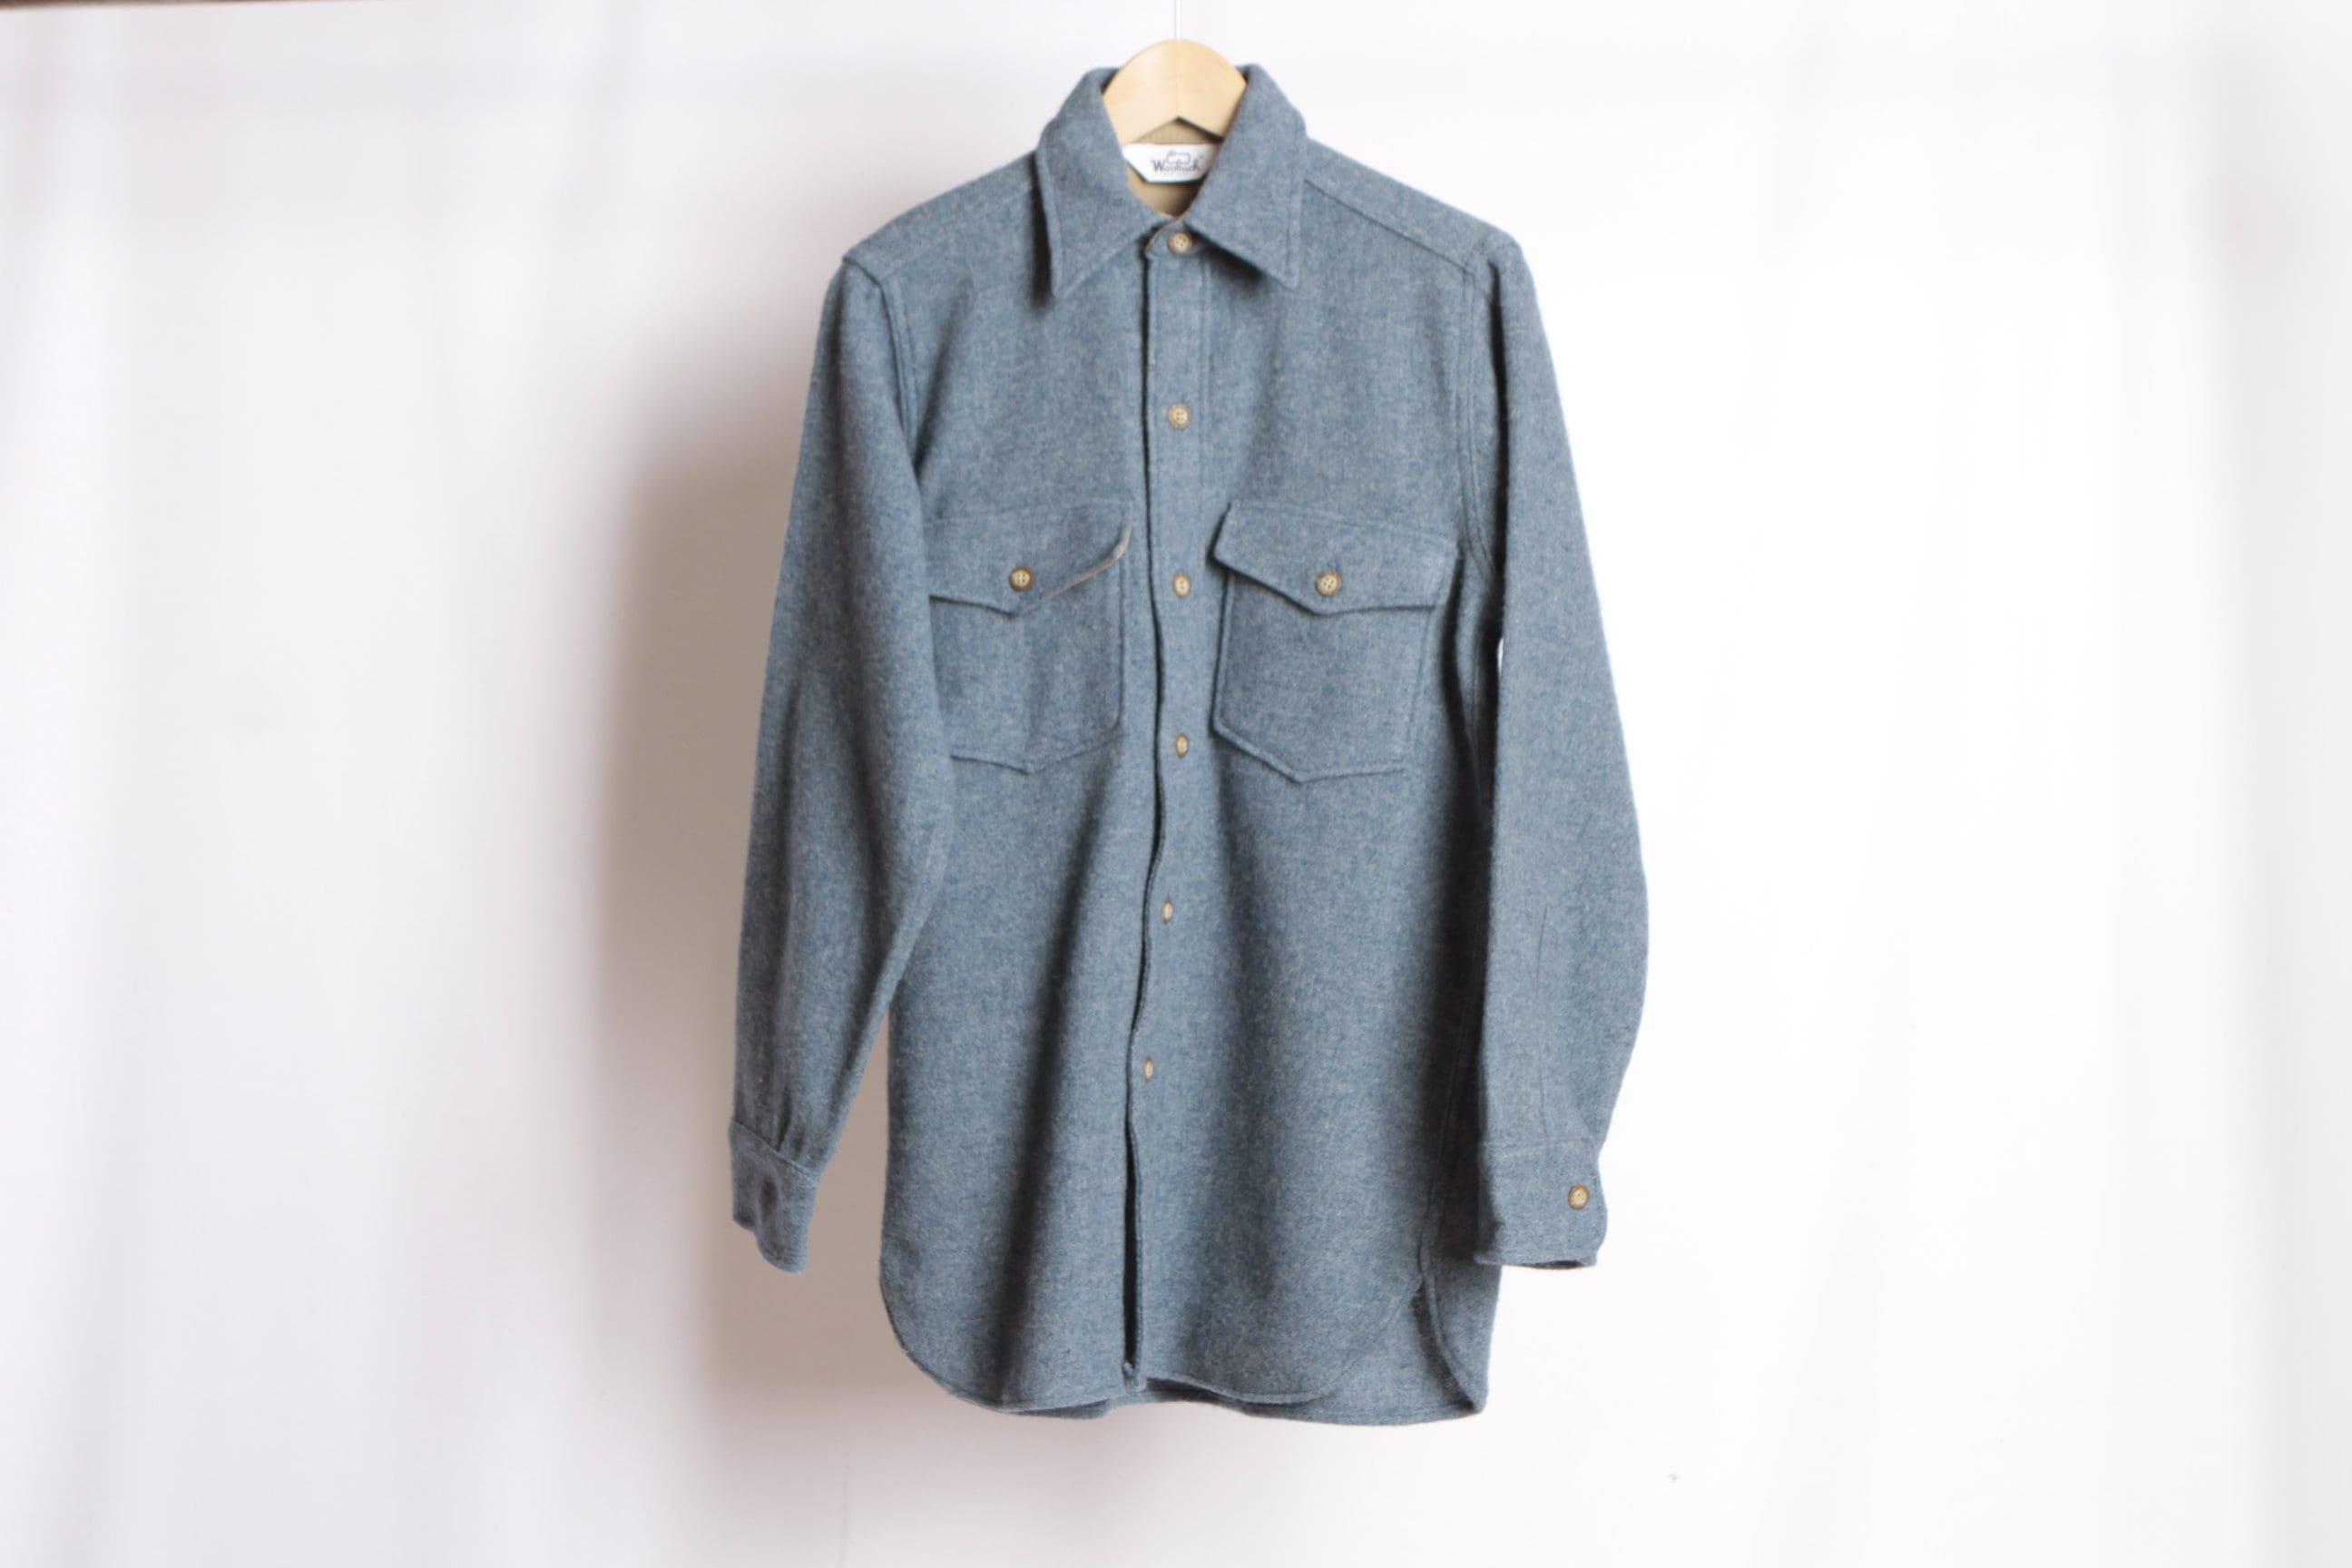 taille petit WOOLRICH style hommes années chemise 60 clair veste légère  épaisse chemise années flanelle de 71bf814f35d